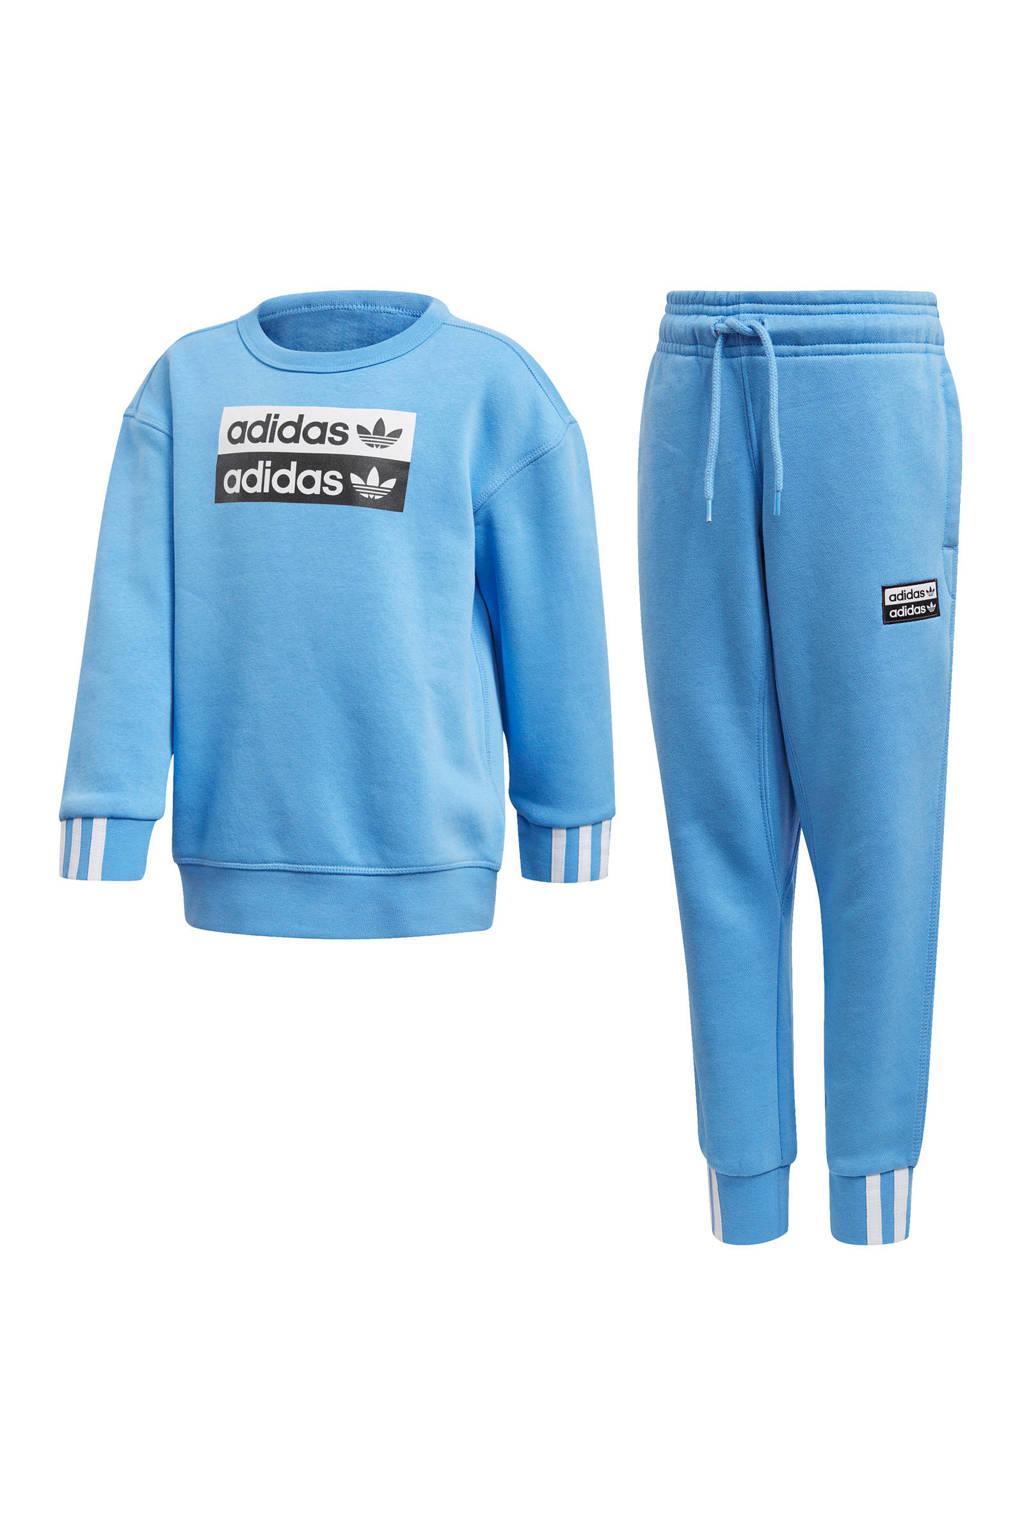 adidas originals   joggingpak lichtblauw, Lichtblauw